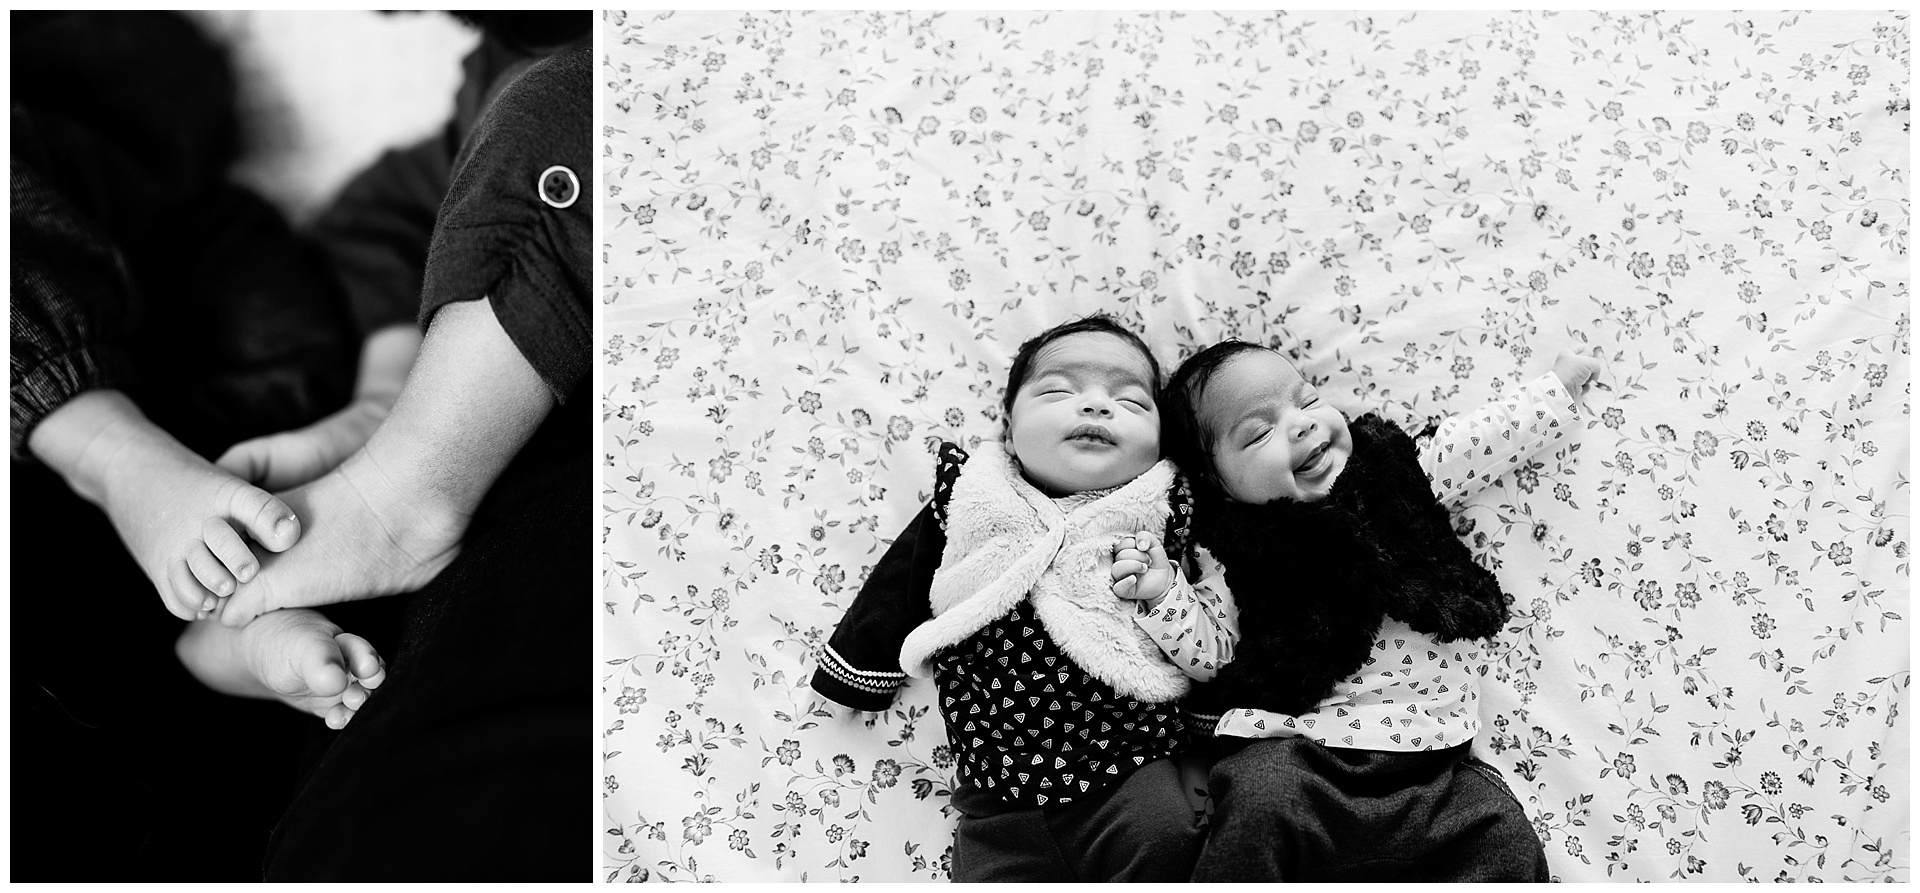 photographe-bebe Hauts-de-seine 92 jumelles nouveaux-nés Yvelines 78 Paris 75 Clichy